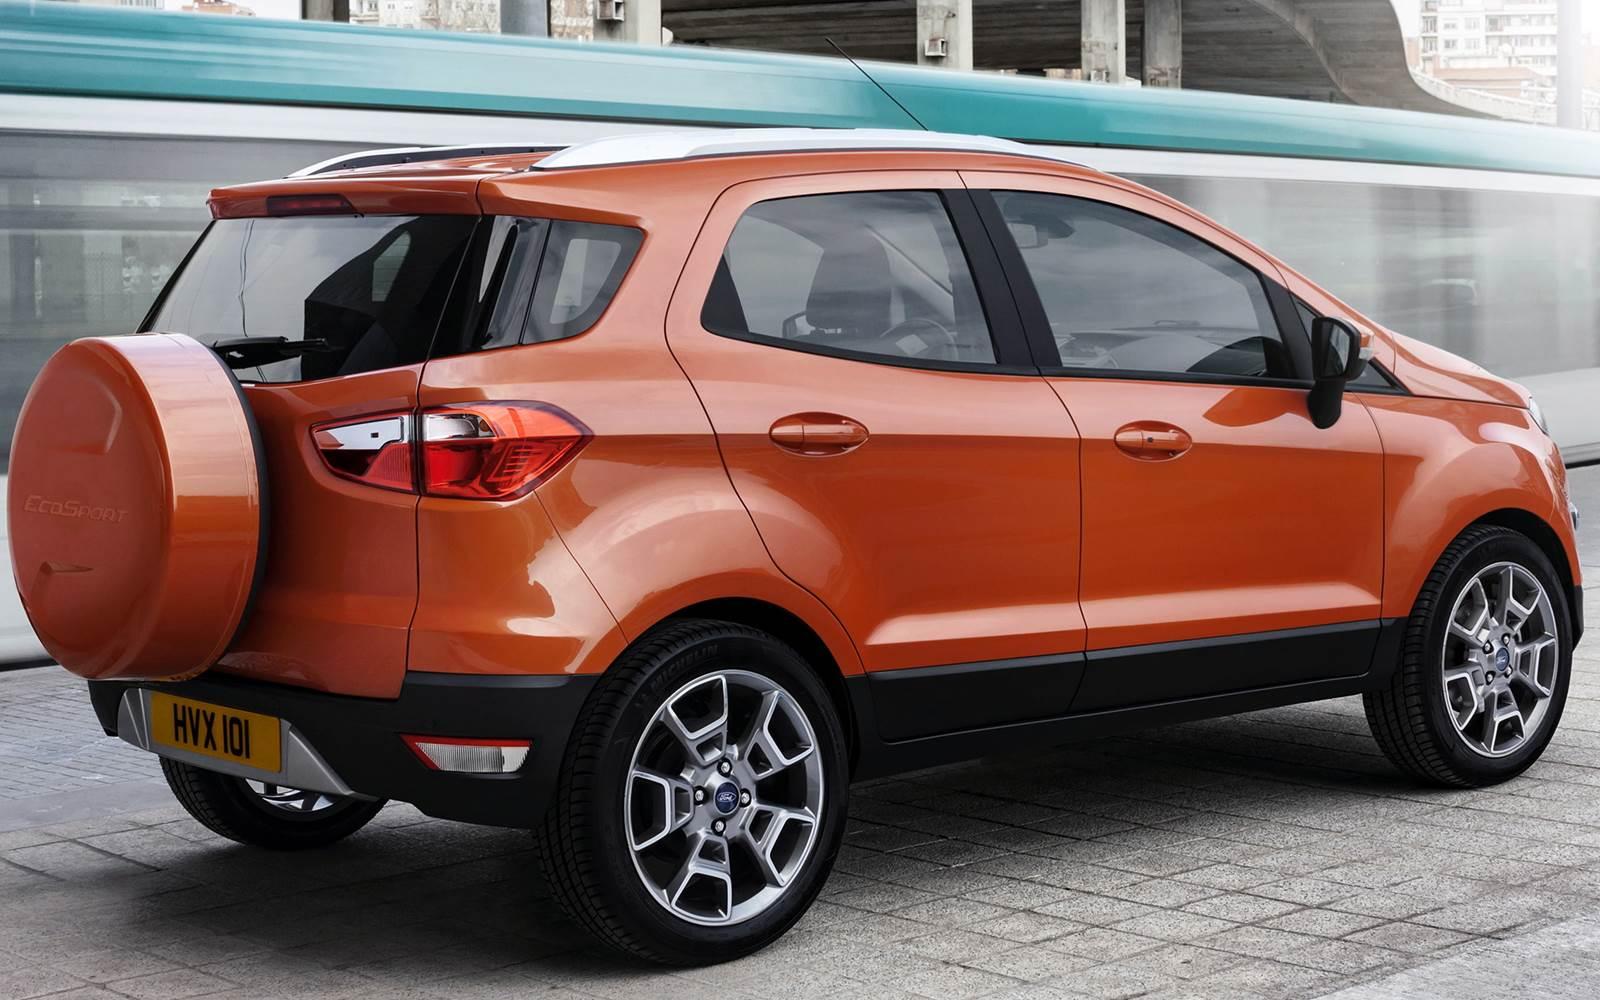 Ford Ecosport Listado Entre Os 10 Piores Carros Da